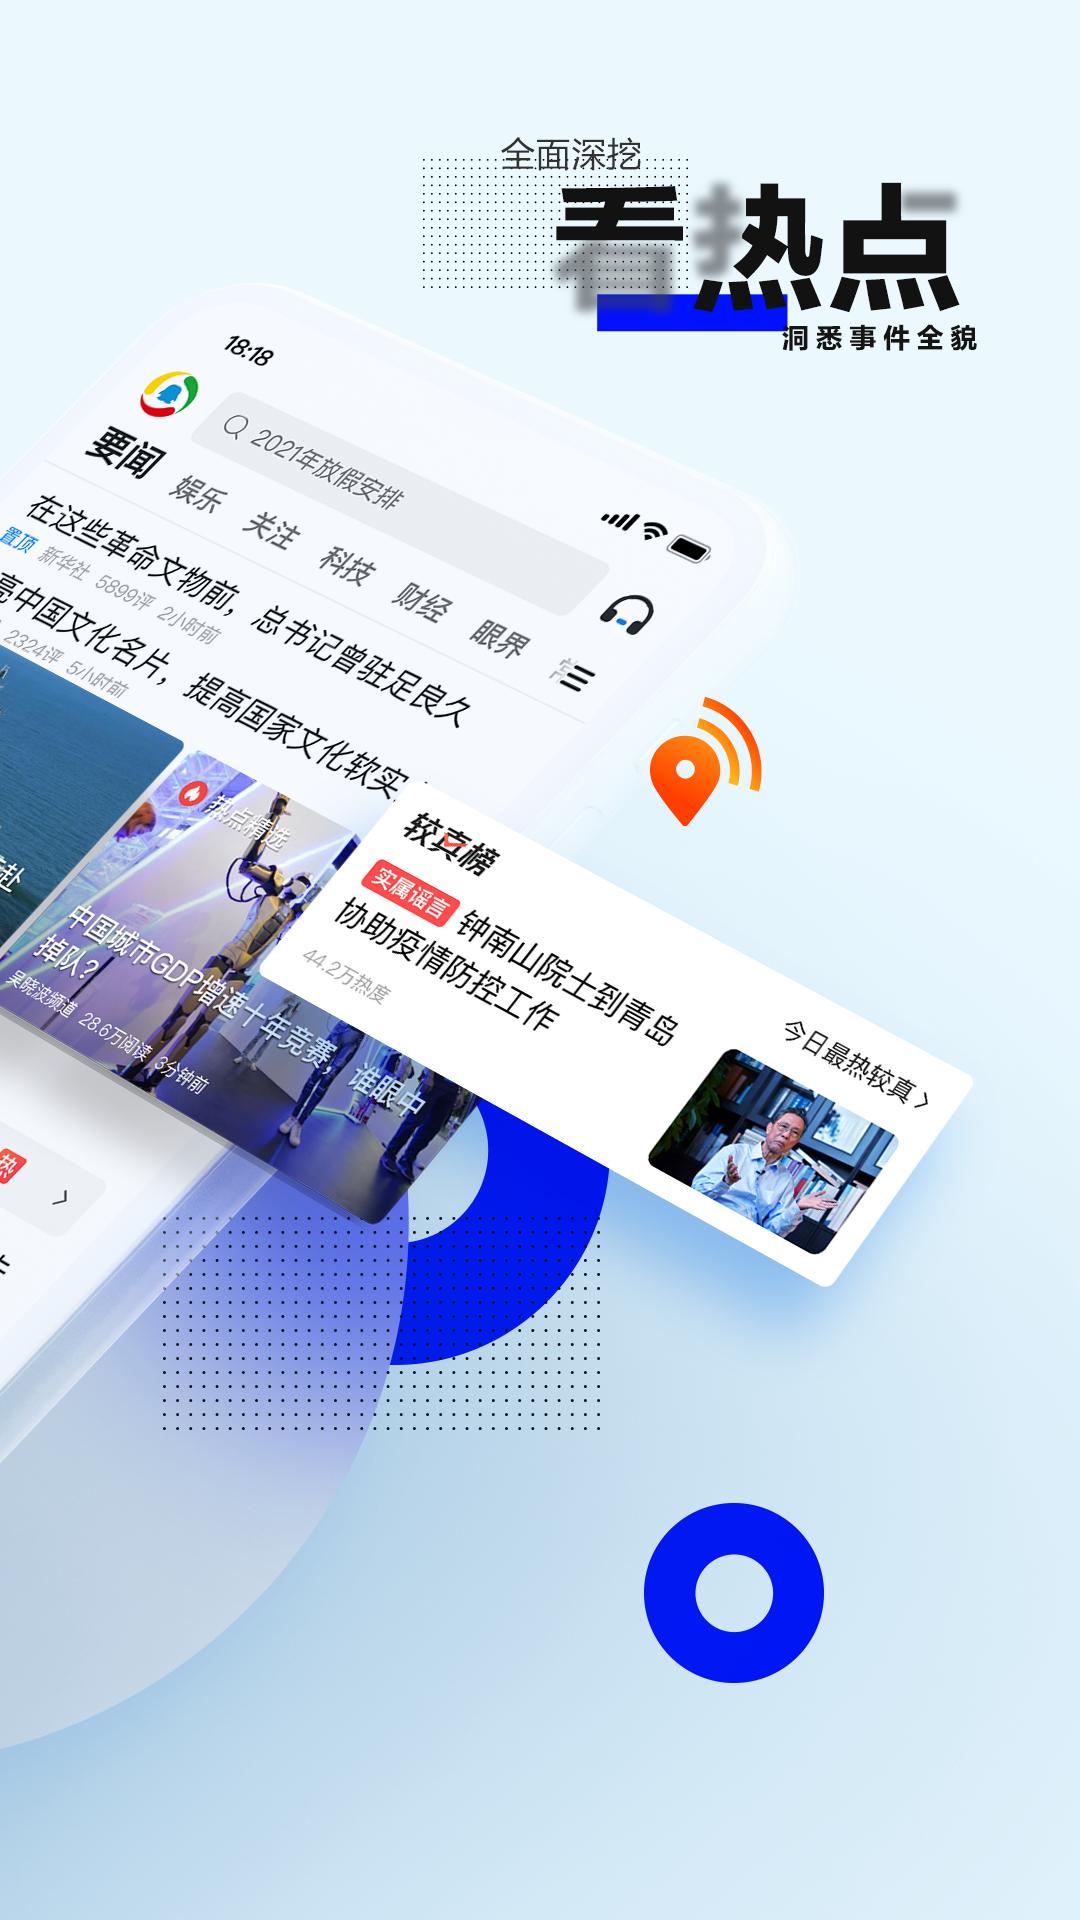 腾讯新闻appv6.5.64 安卓版